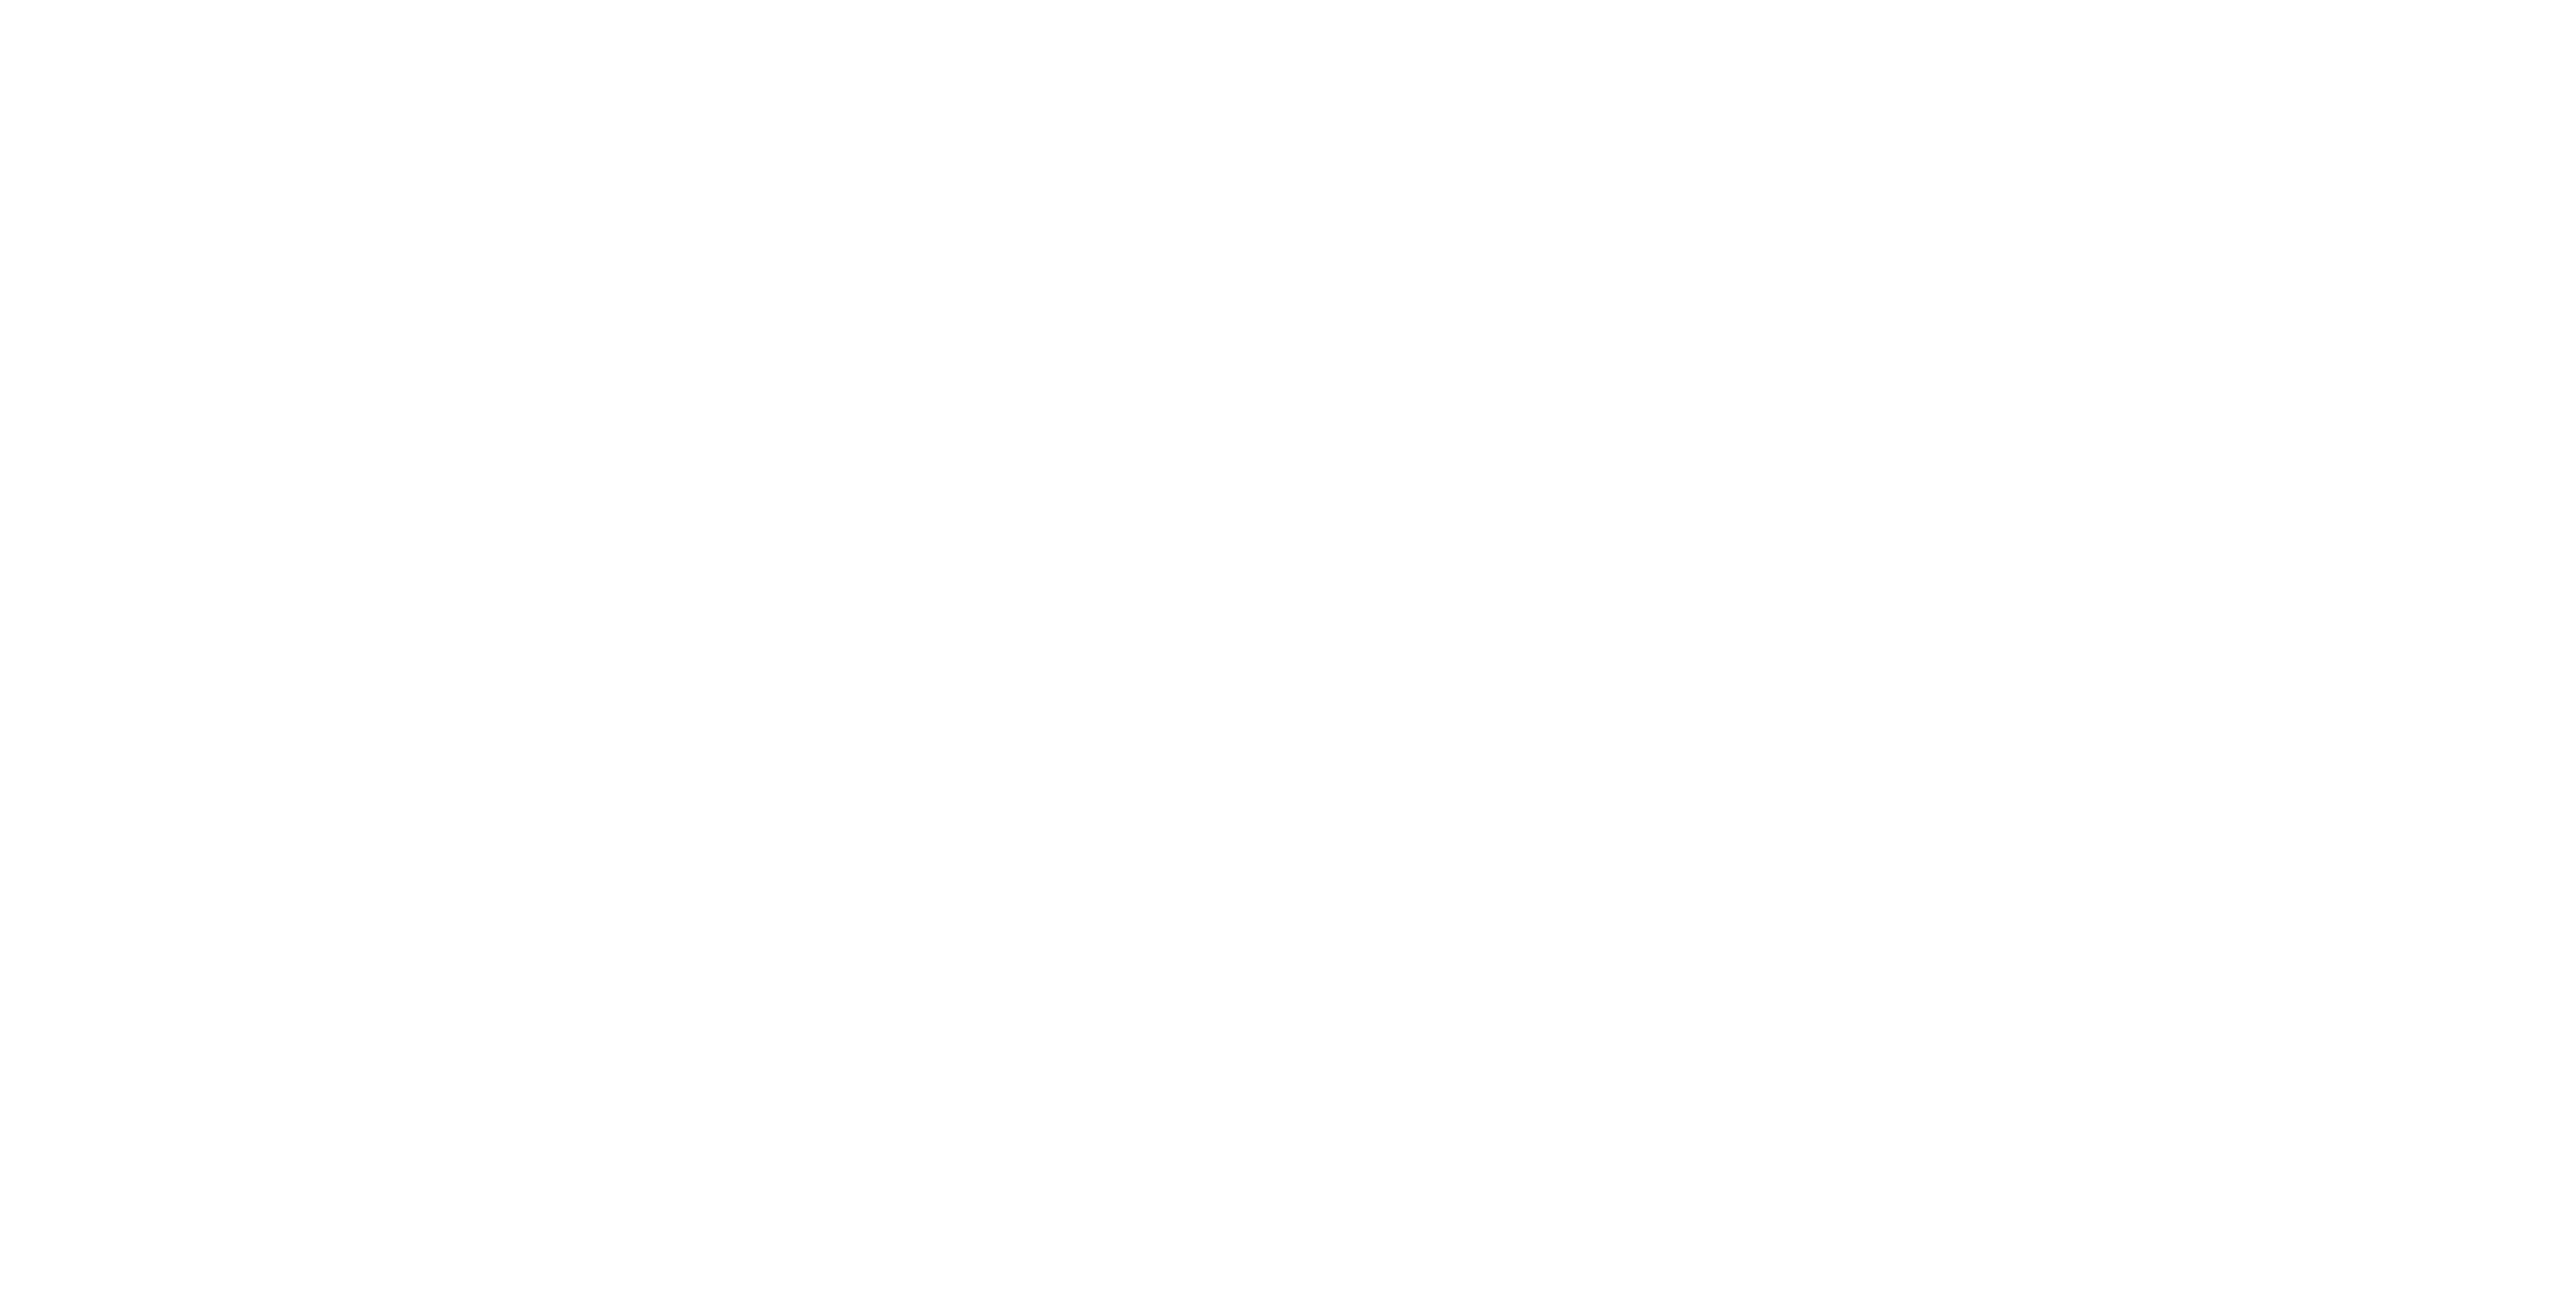 Logo H4D white